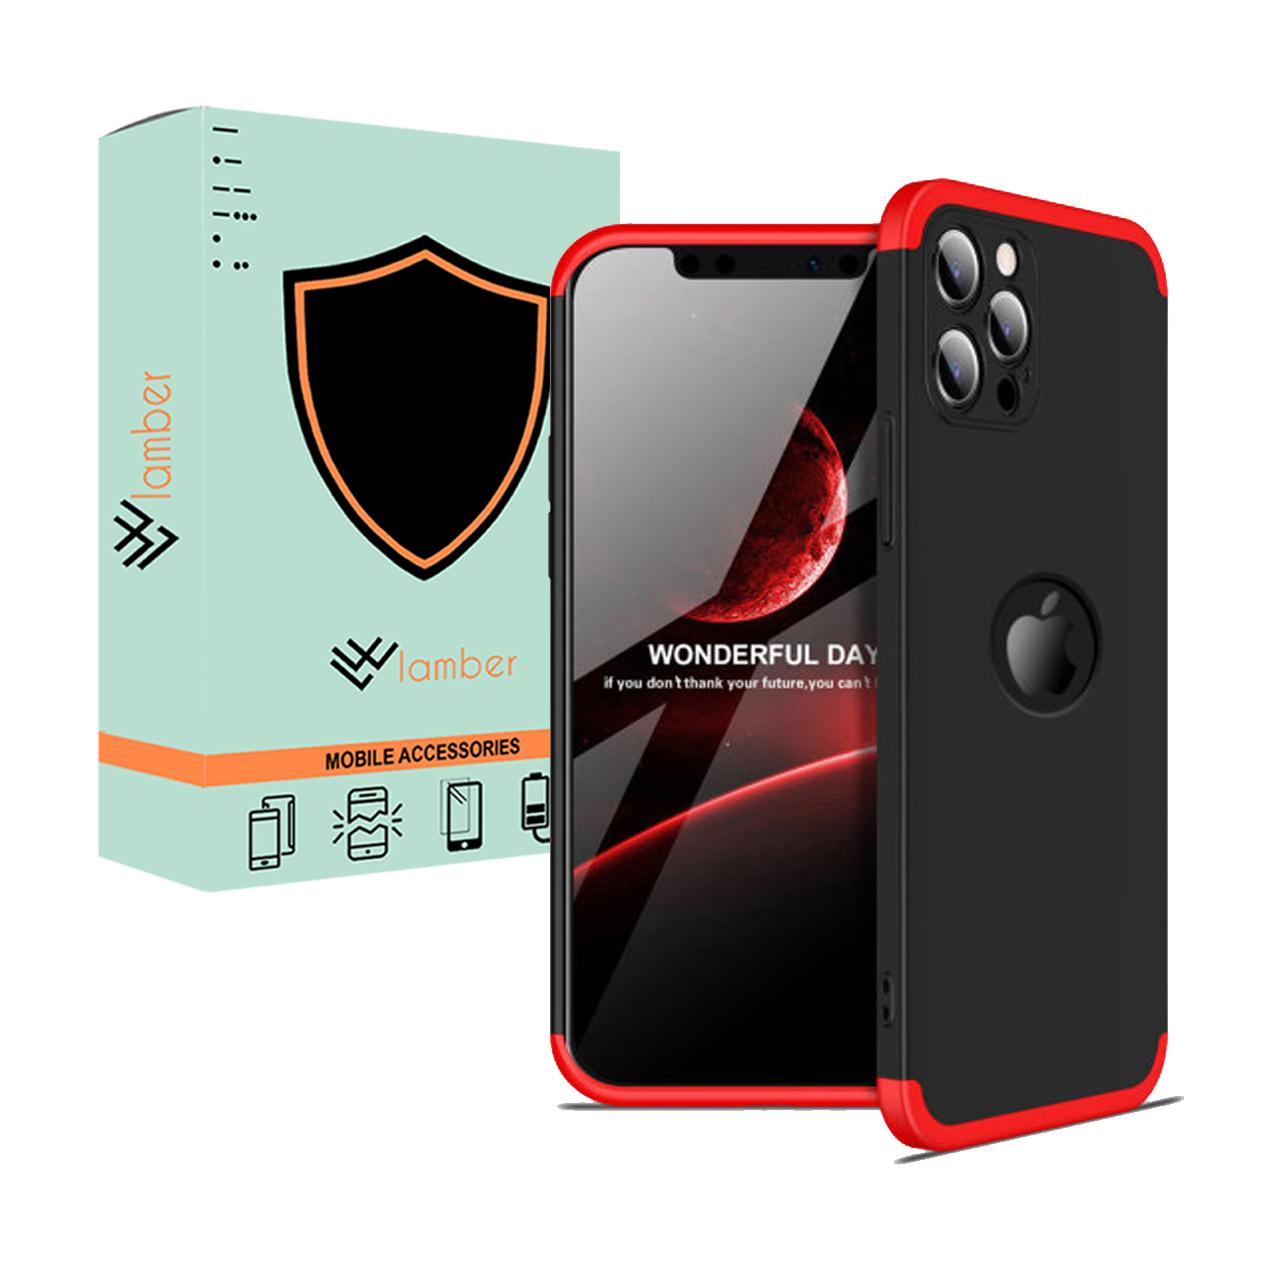 کاور 360 درجه لمبر مدل LAMGK-1 مناسب برای گوشی موبایل اپل Iphone 12 Pro max